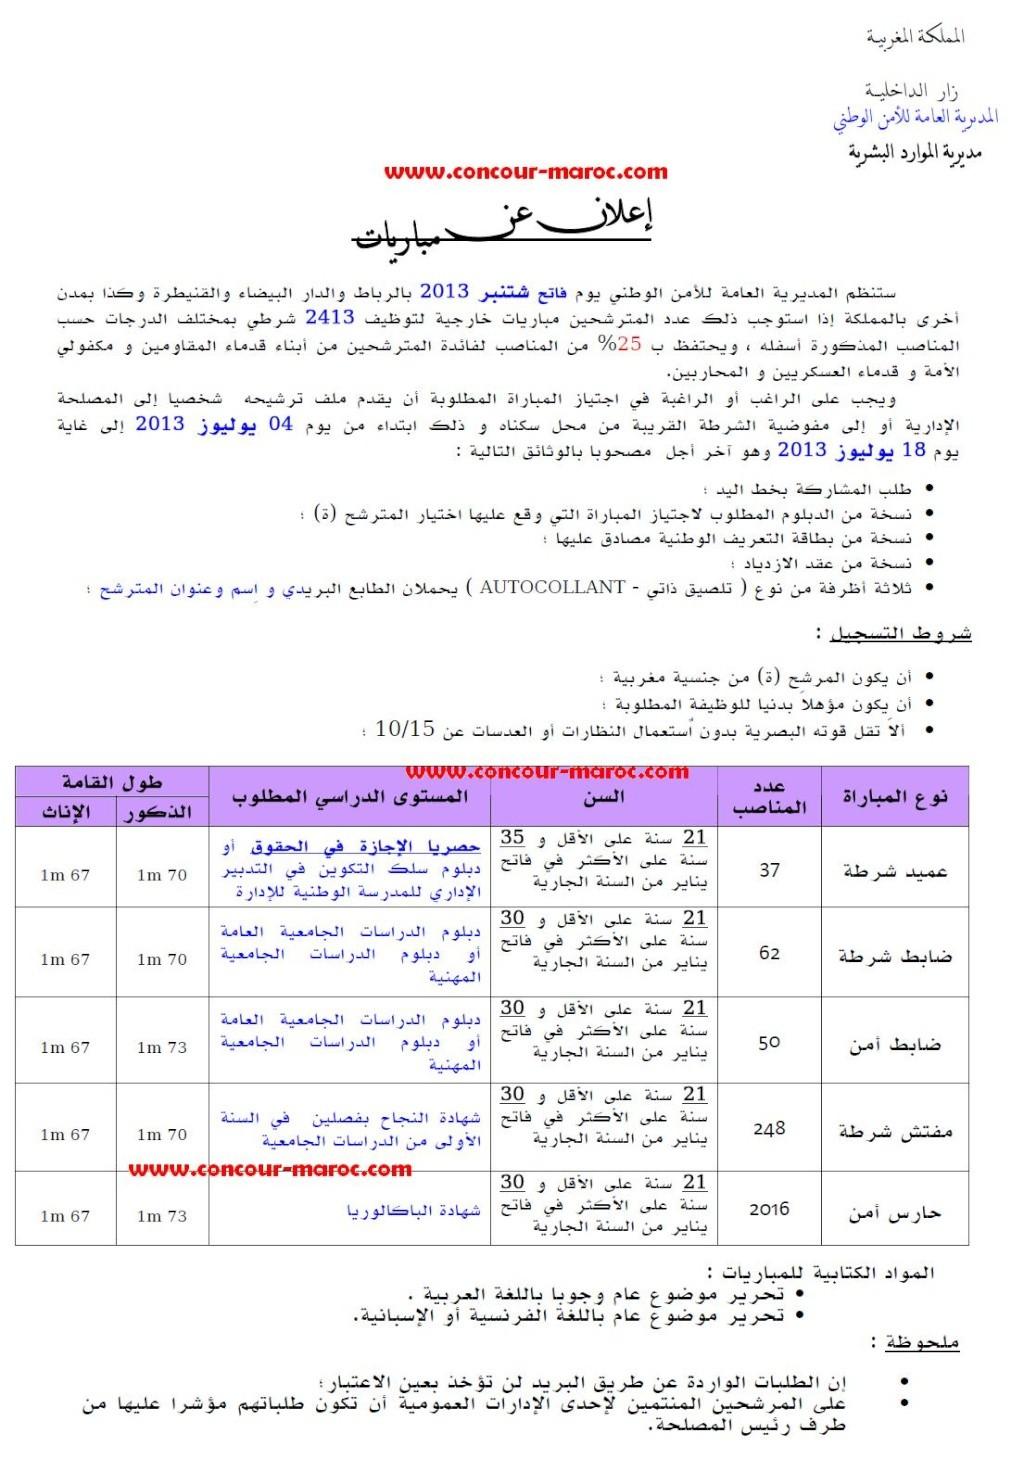 Direction Générale de la Sûreté Nationale : recrutement des Gardiens de la paix & Inspecteurs de police & Officiers de paix & de police & Commissaires avant le 18 juillet 2013  Concou19